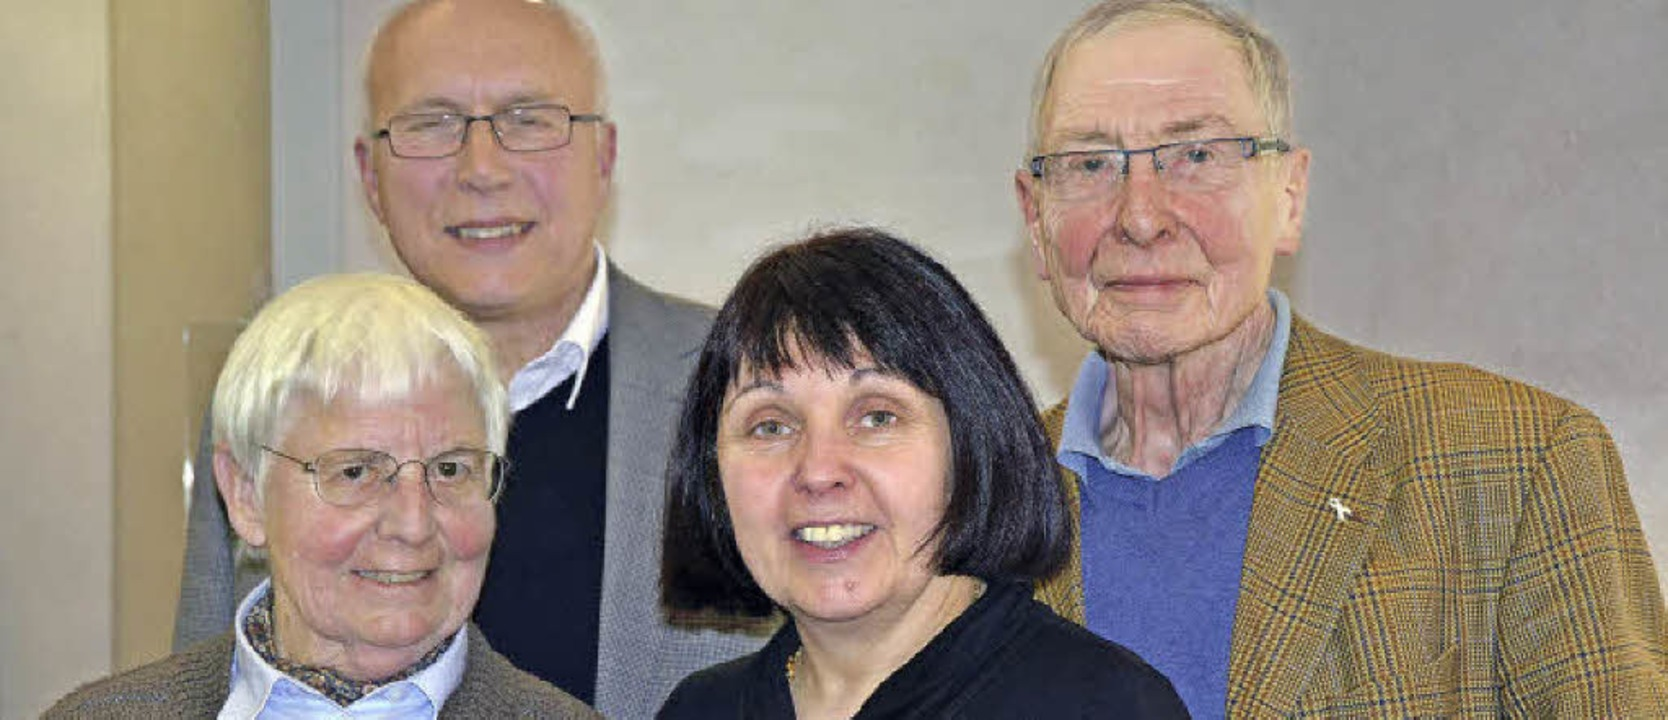 Inge Gula, Hanspeter Klicznik, Anita B...-Jürgen Schmidt vom Hebelbund-Vorstand  | Foto: B. Ruda